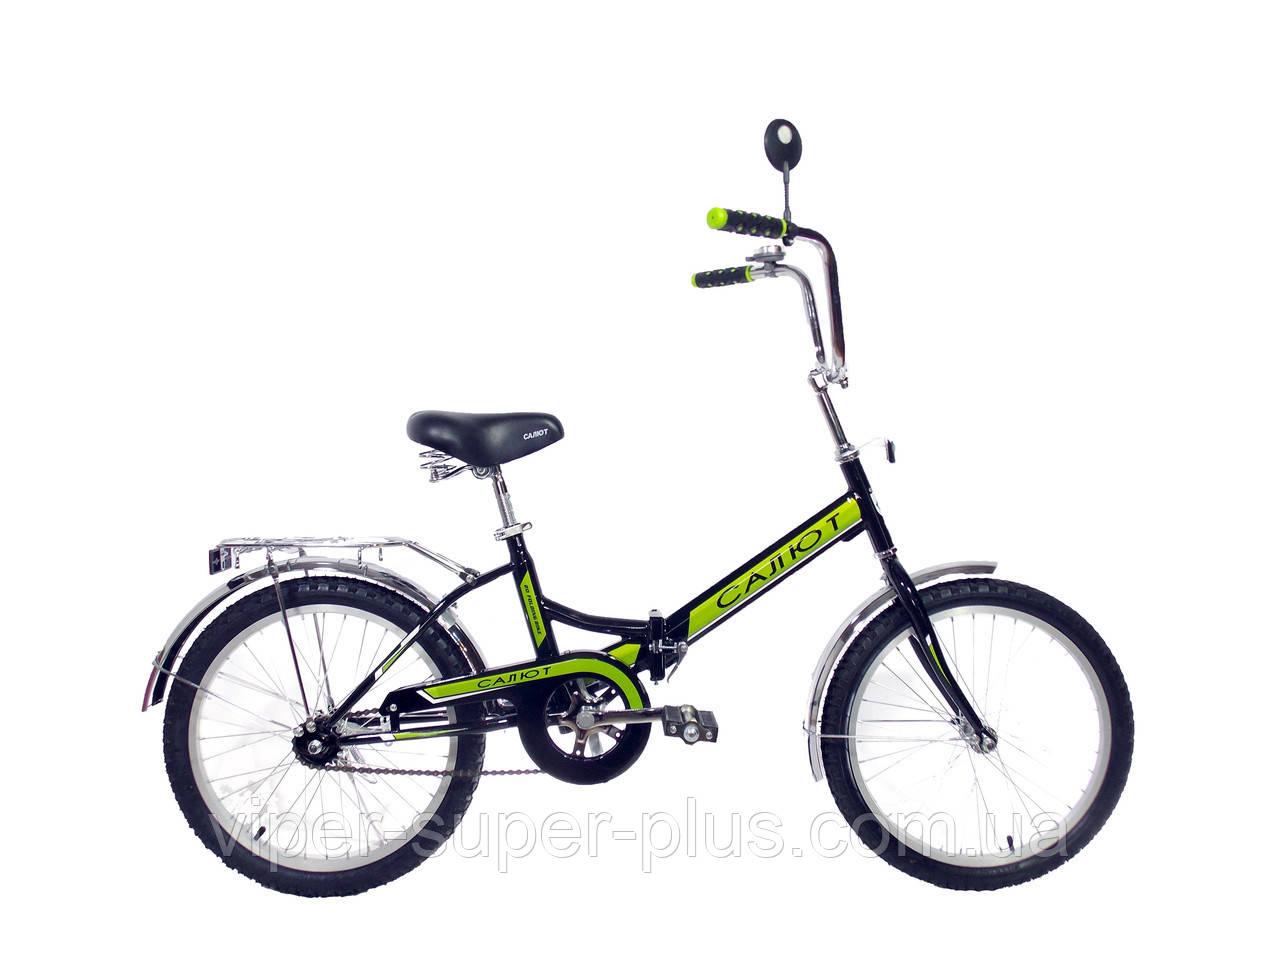 Складной велосипед Салют 20*2009 черно-зеленый